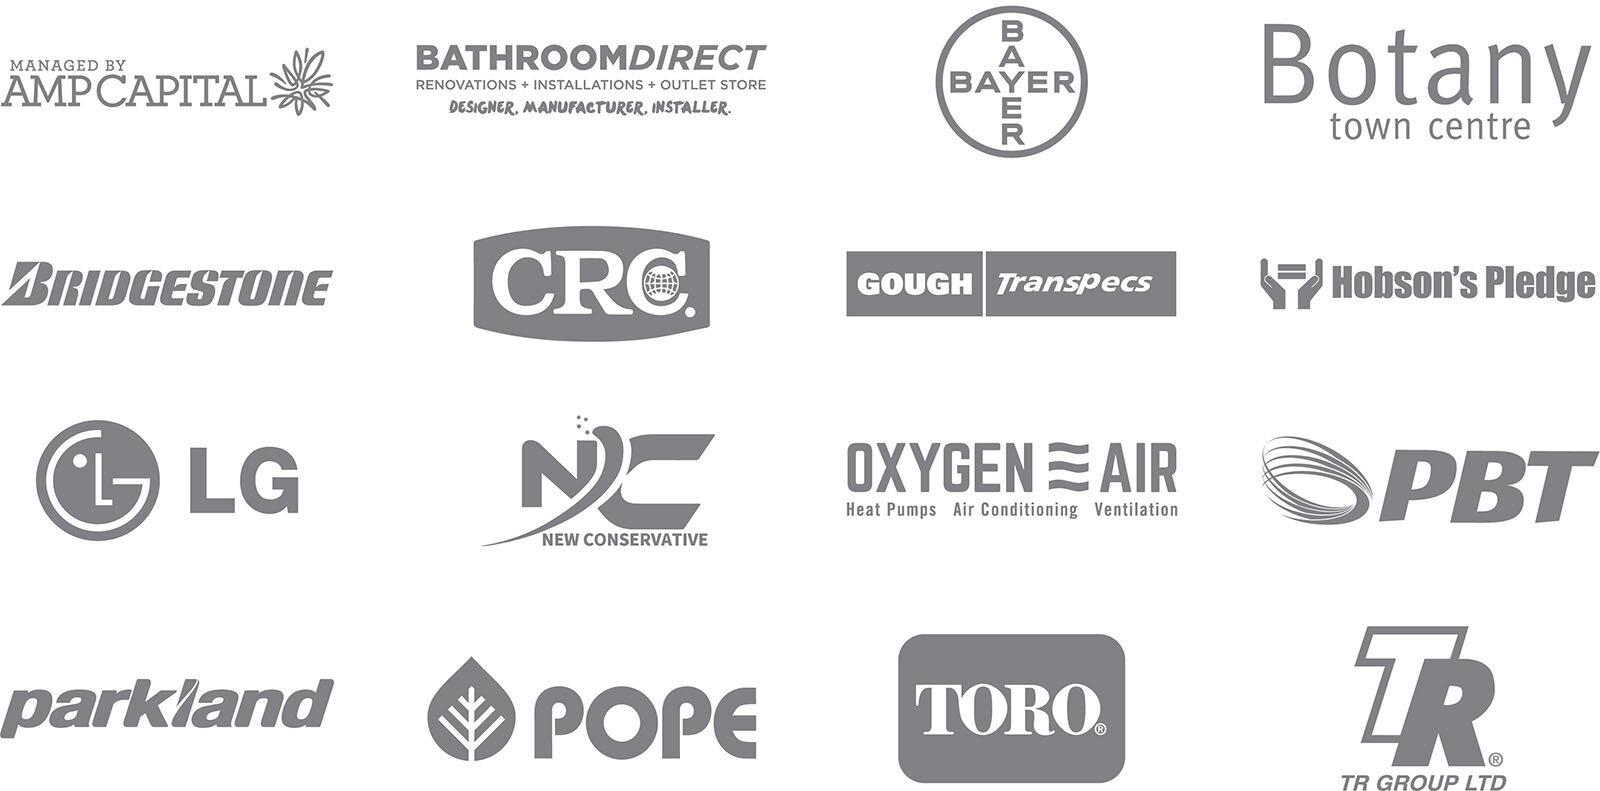 Partisan-Advertising-Client-Logos